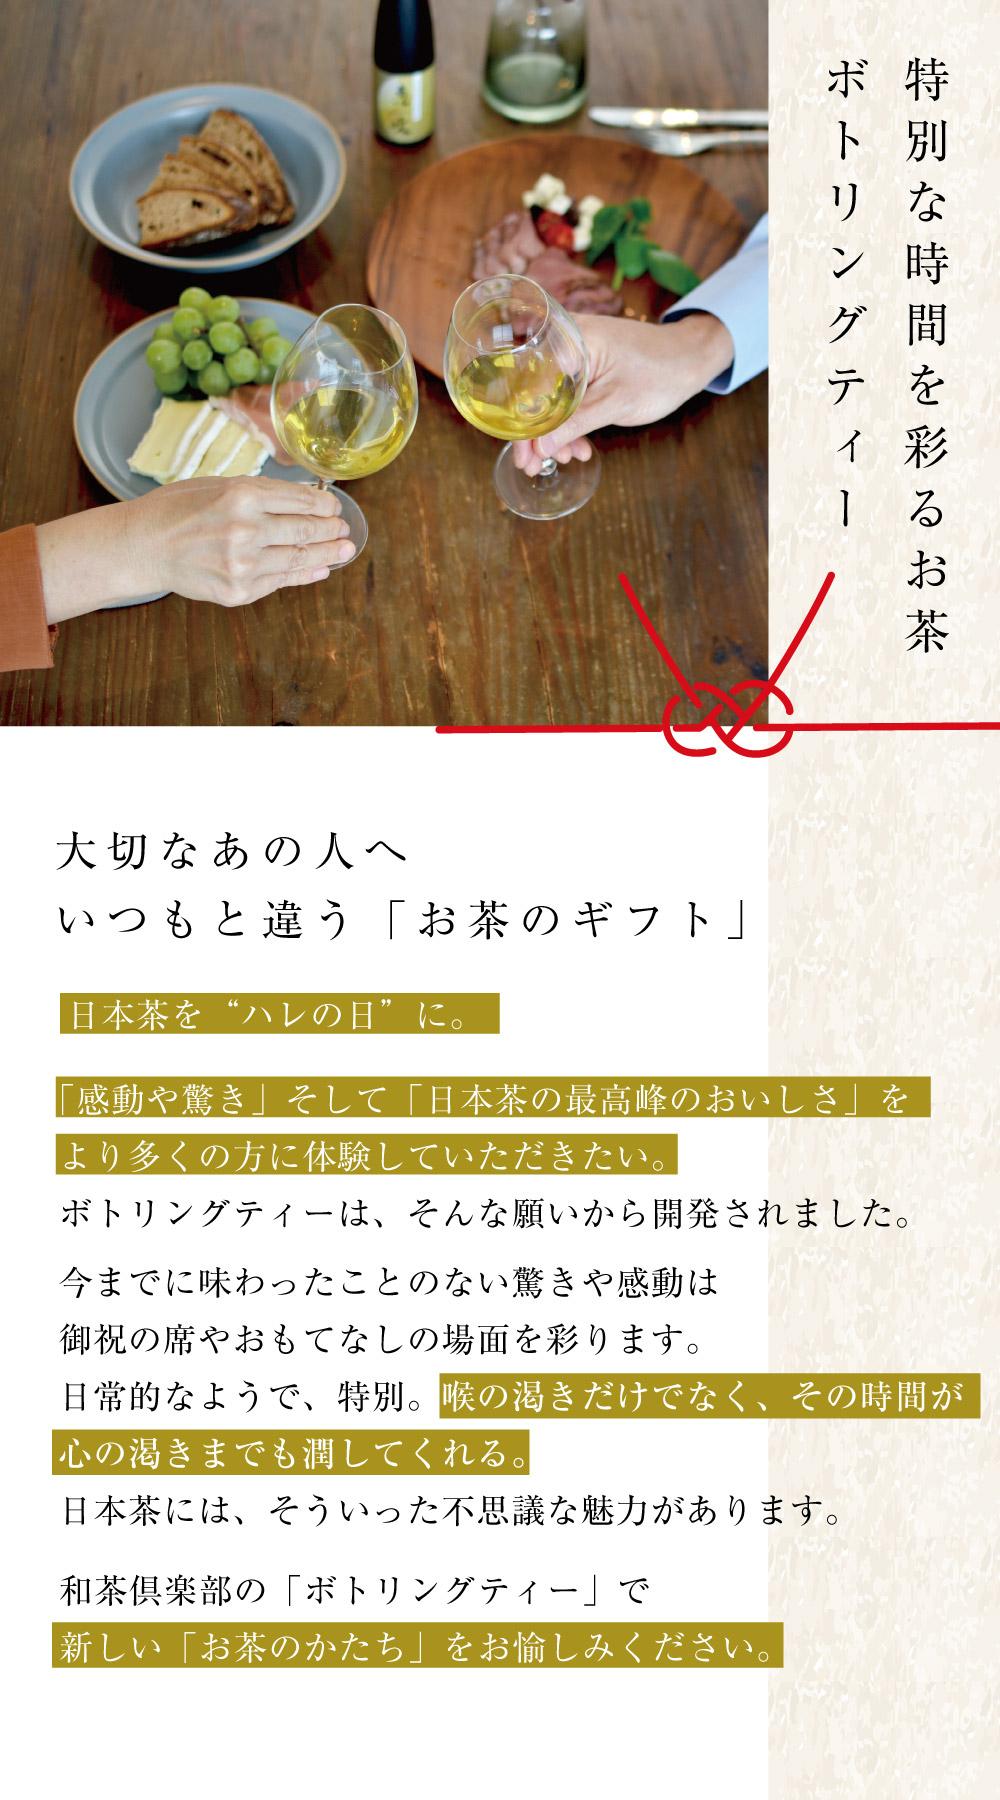 息吹 ボトリングティー ボトルドティー 高級 日本茶 国産 ギフト お取り寄せ お歳暮 冬ギフト